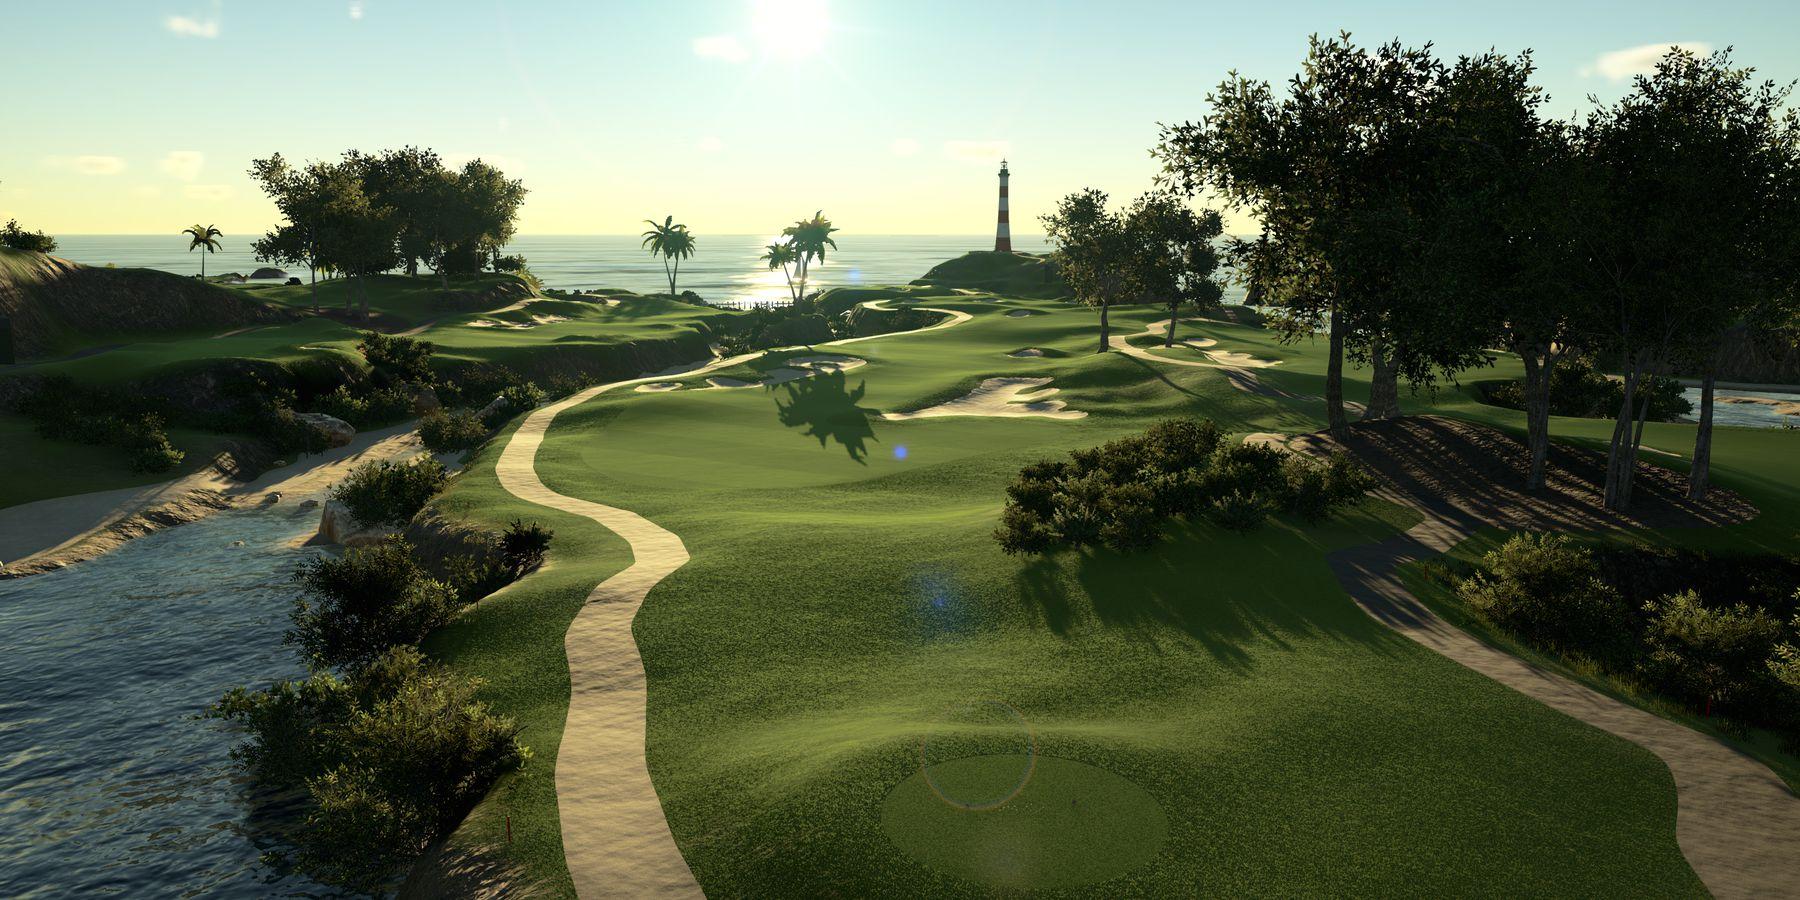 Đồ họa cực đẹp của The Golf Club